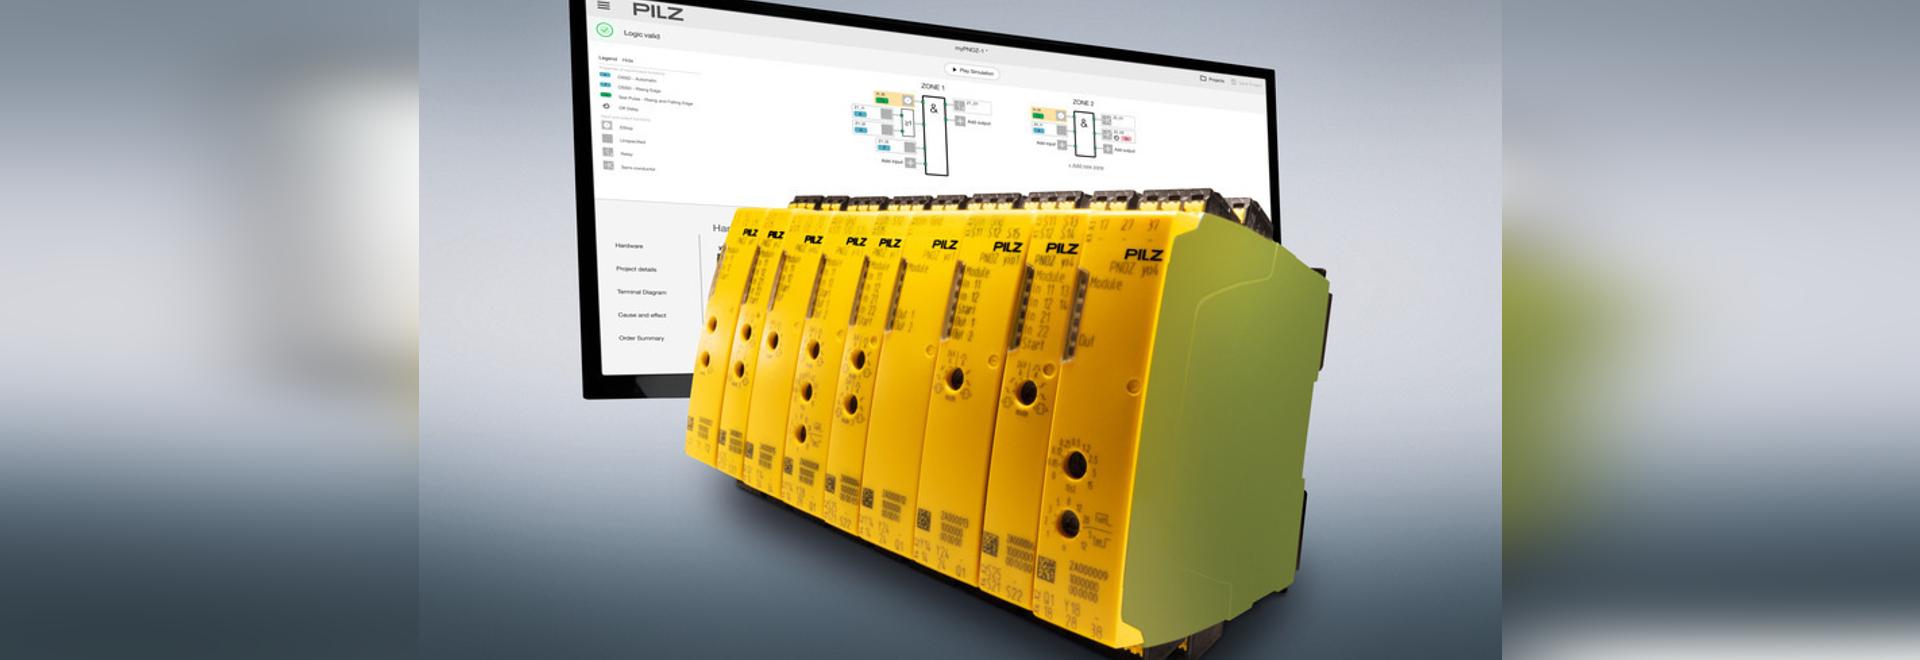 Relé de seguridad modular myPNOZ